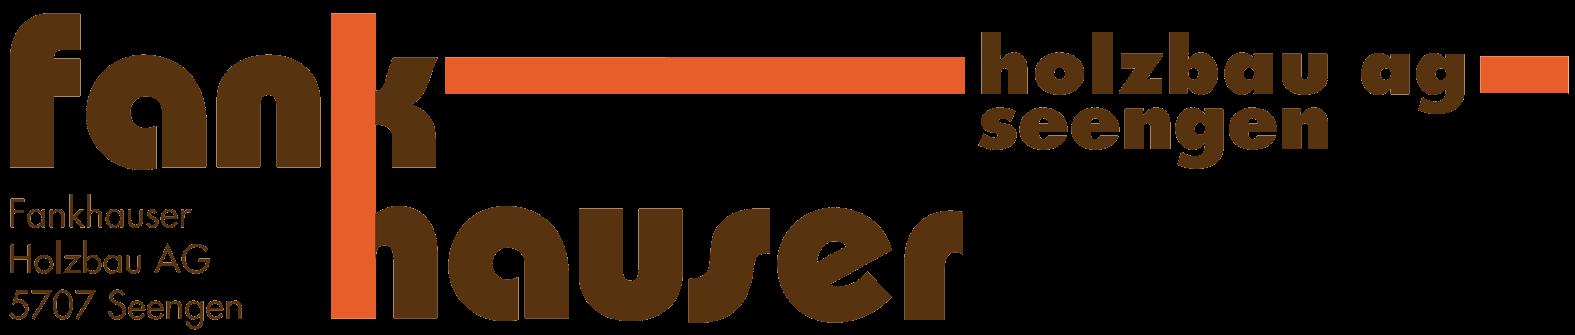 Fankhauser Holzbau AG